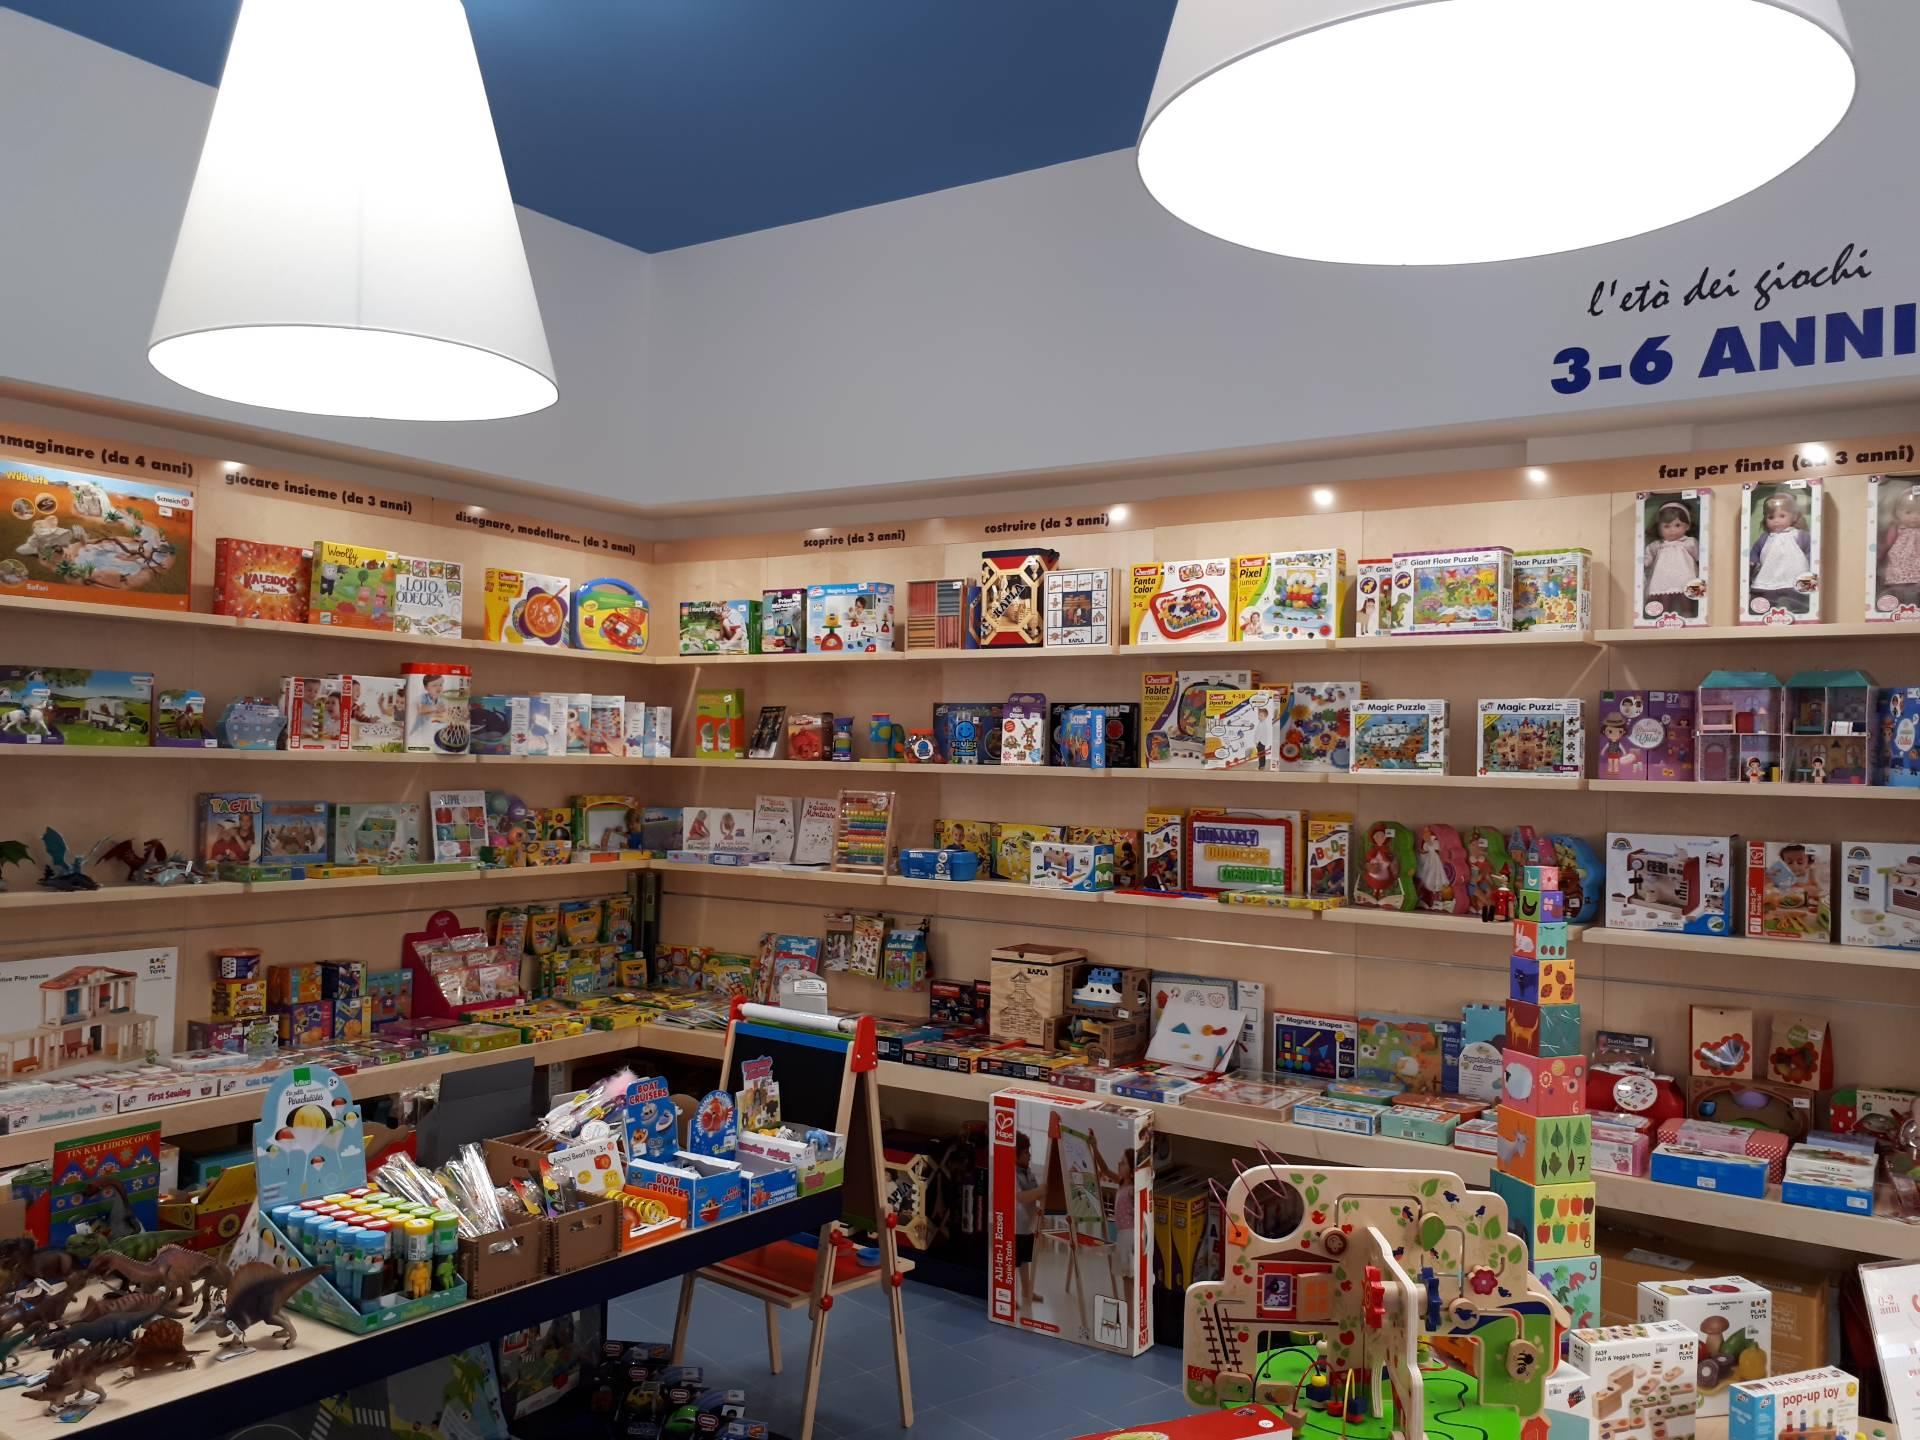 Negozio / Locale in vendita a Viterbo, 9999 locali, zona Zona: Centro, prezzo € 120.000   CambioCasa.it